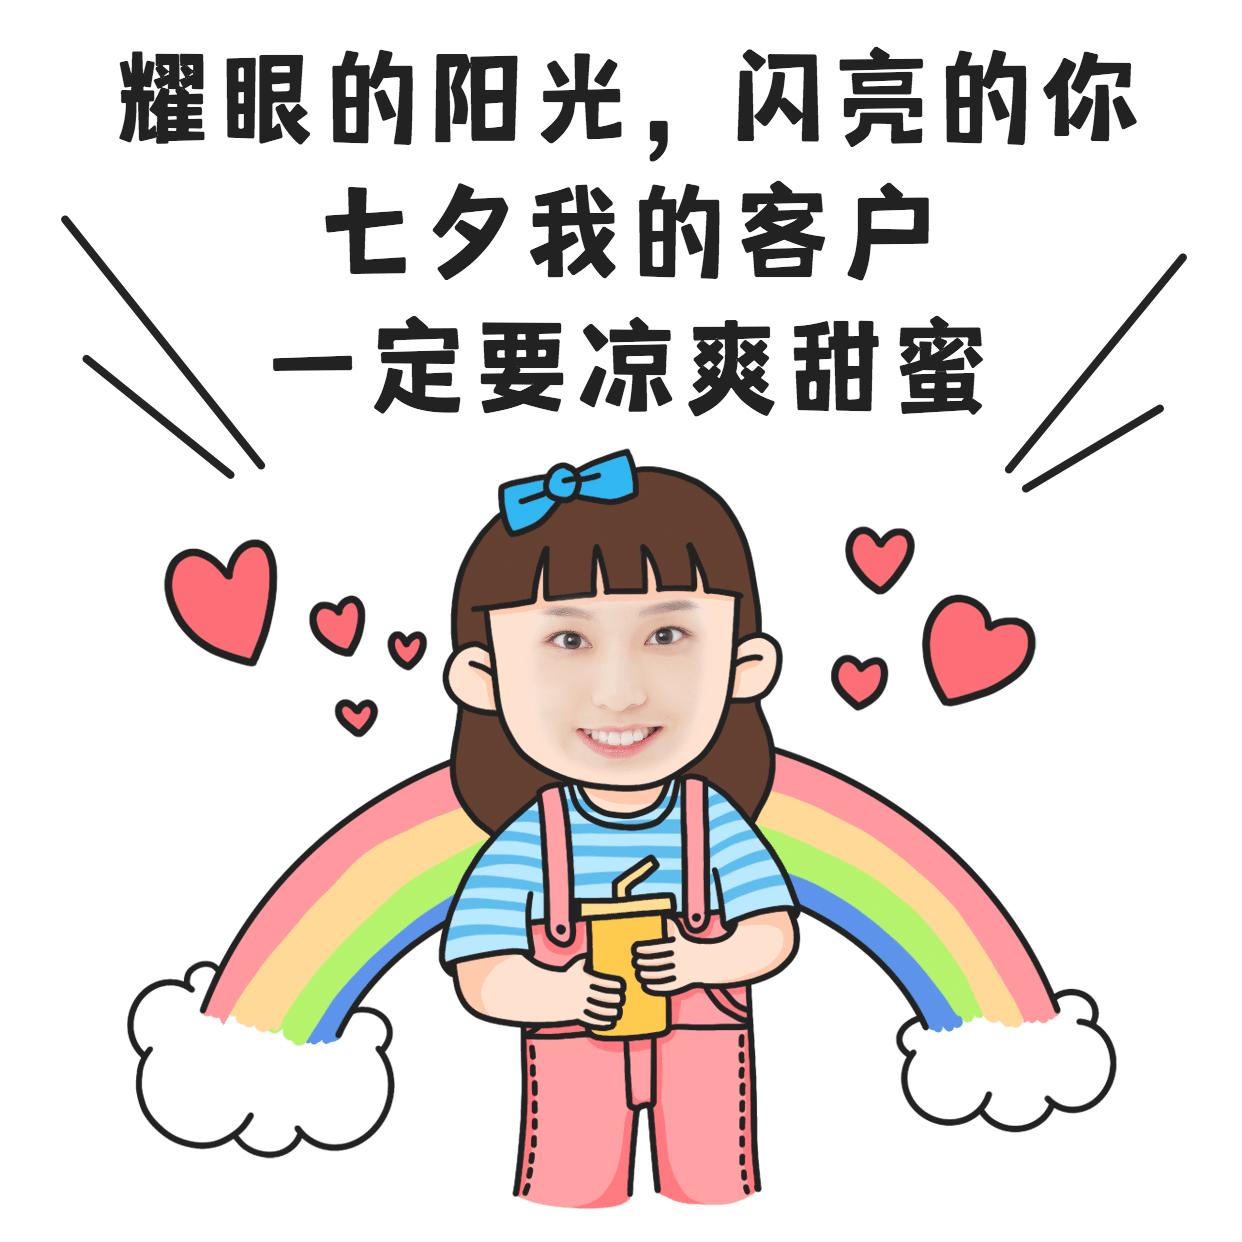 七夕创意玩法祝福手绘彩虹爱心图片